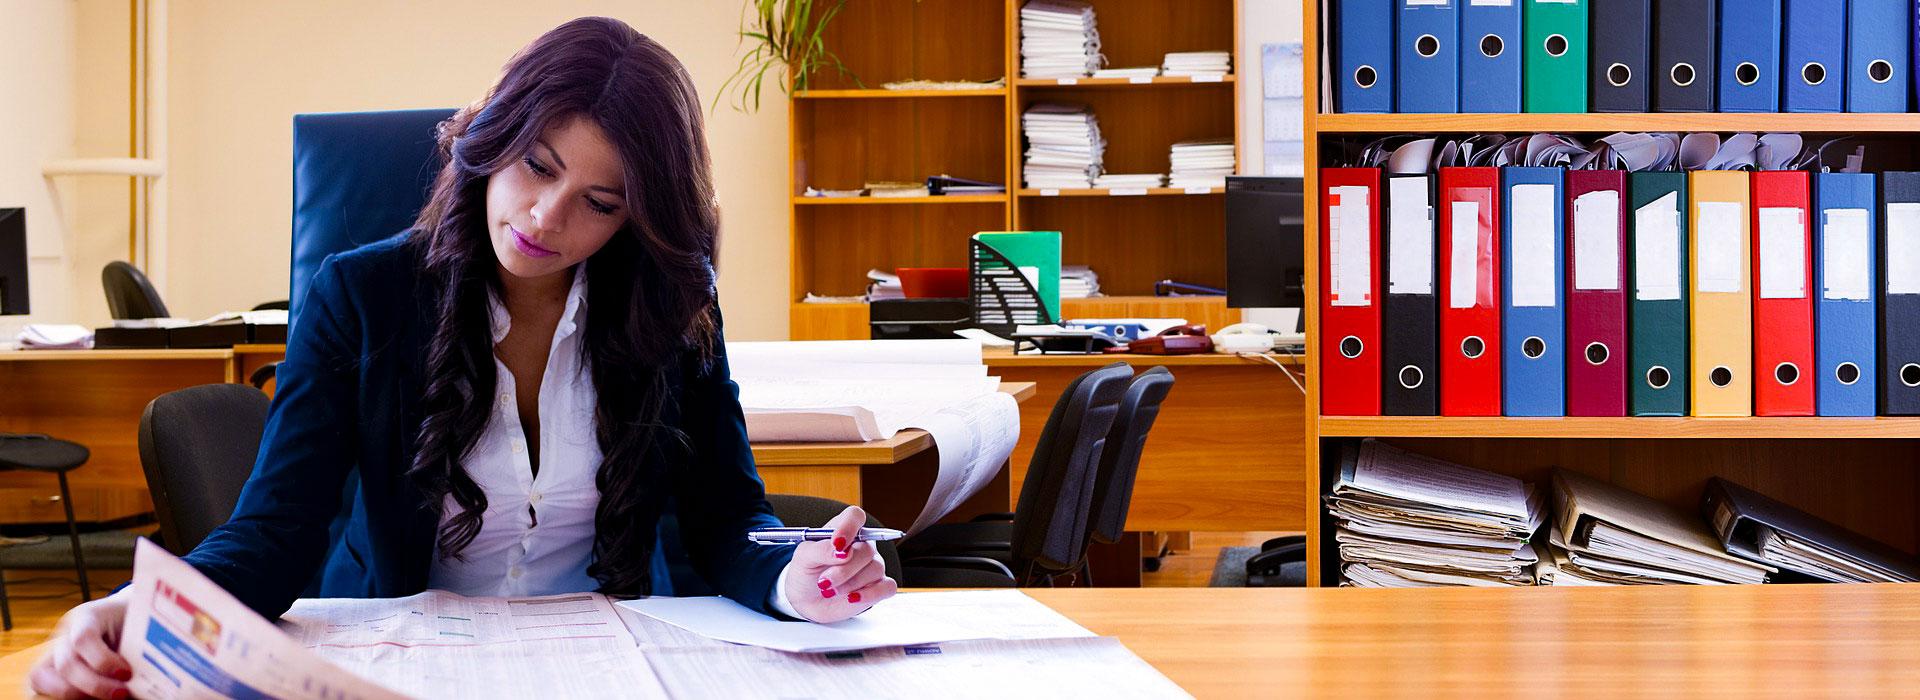 vesniovskaya.com